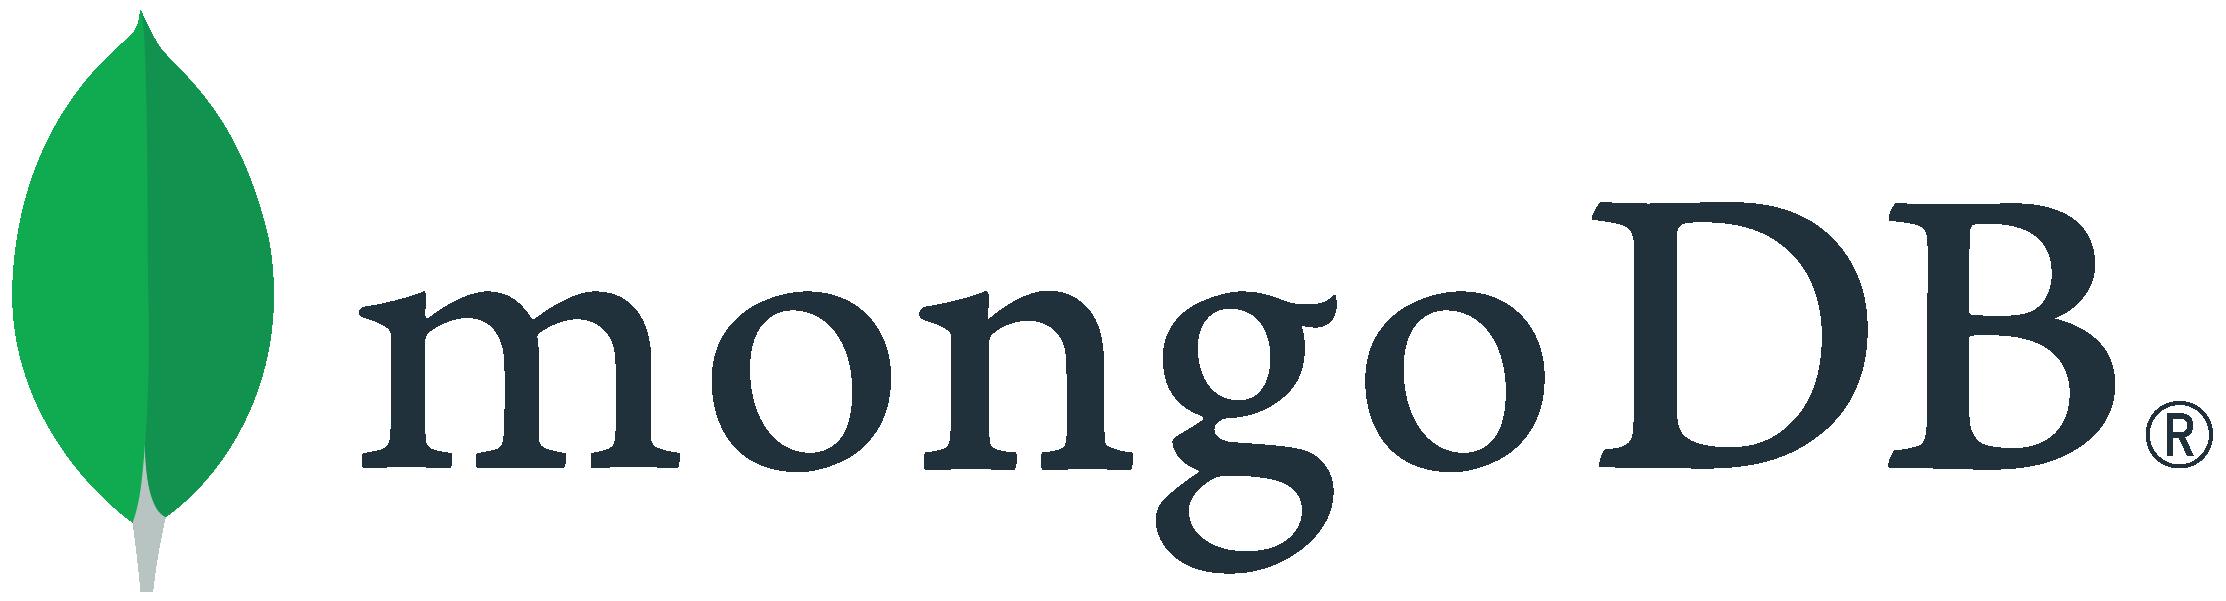 MongoDB MEDDIC